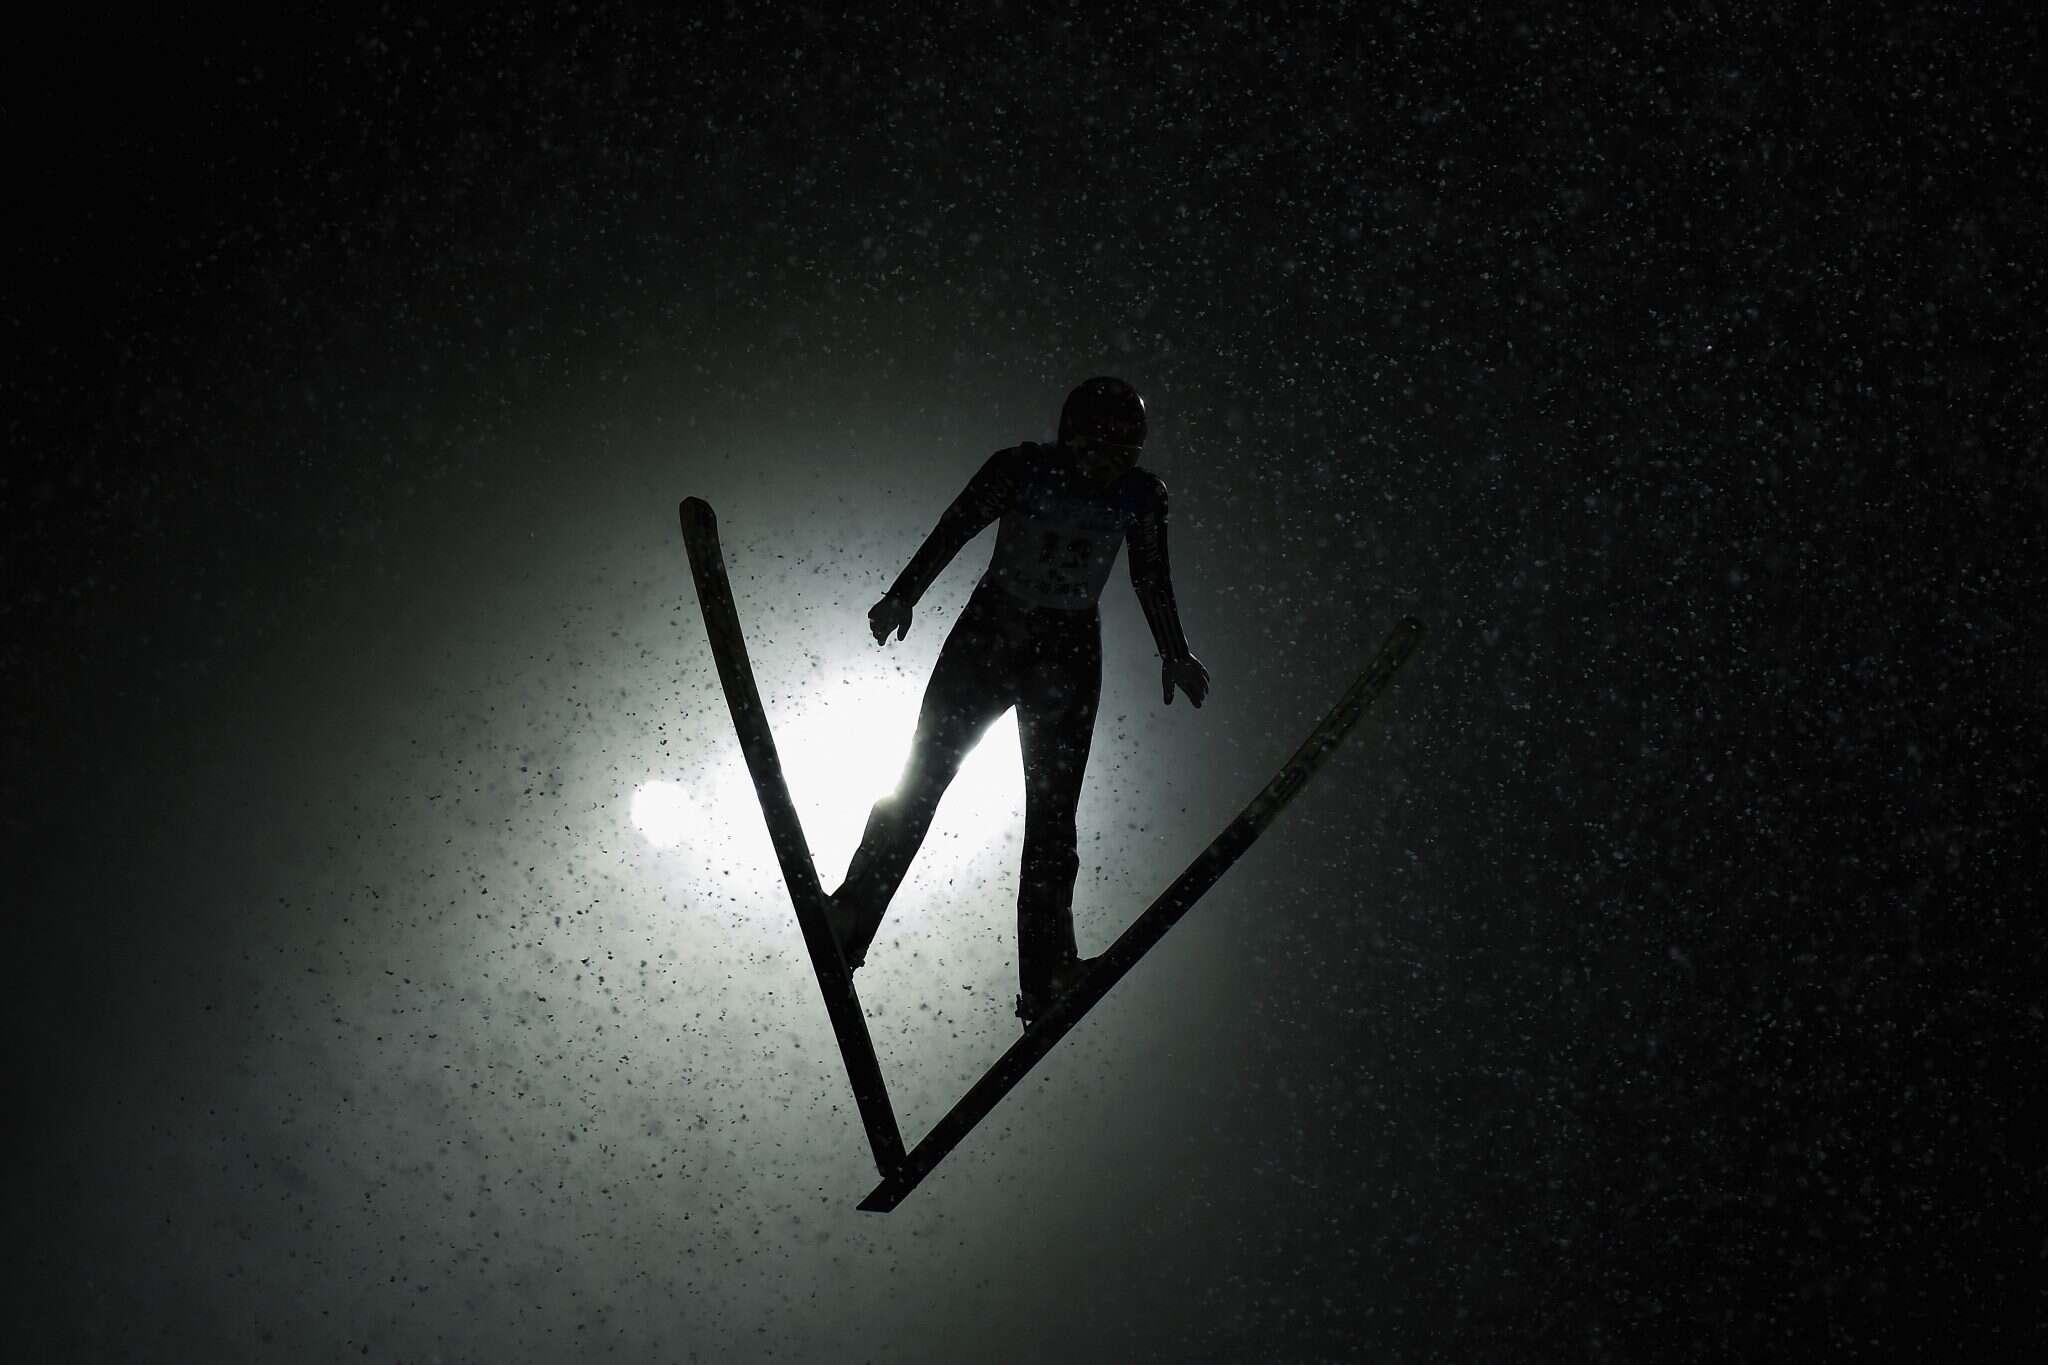 תחרות סקי ביפן. גולש מרחף באוויר. צילום: גטי אימג'ס